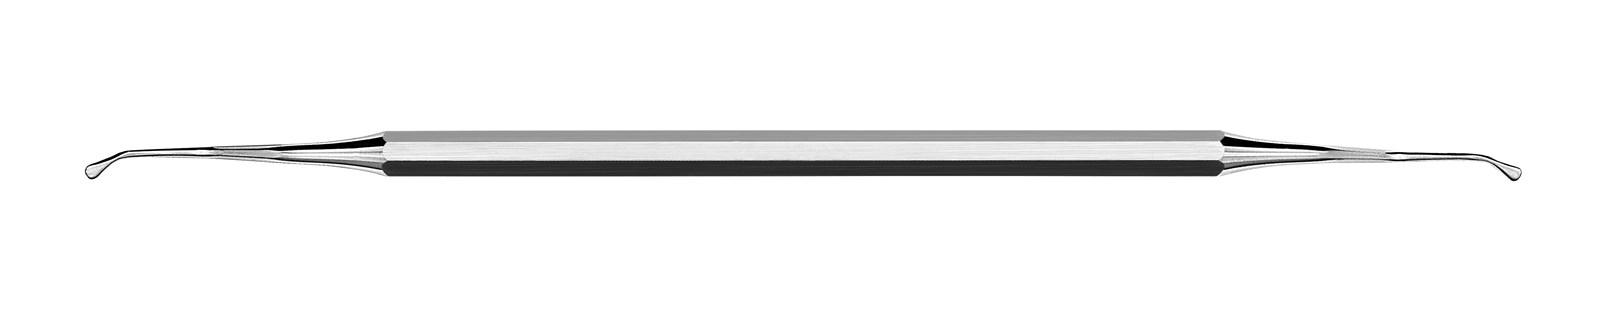 Nůž pro tunelovou techniku - TKP, ADEP světle zelený